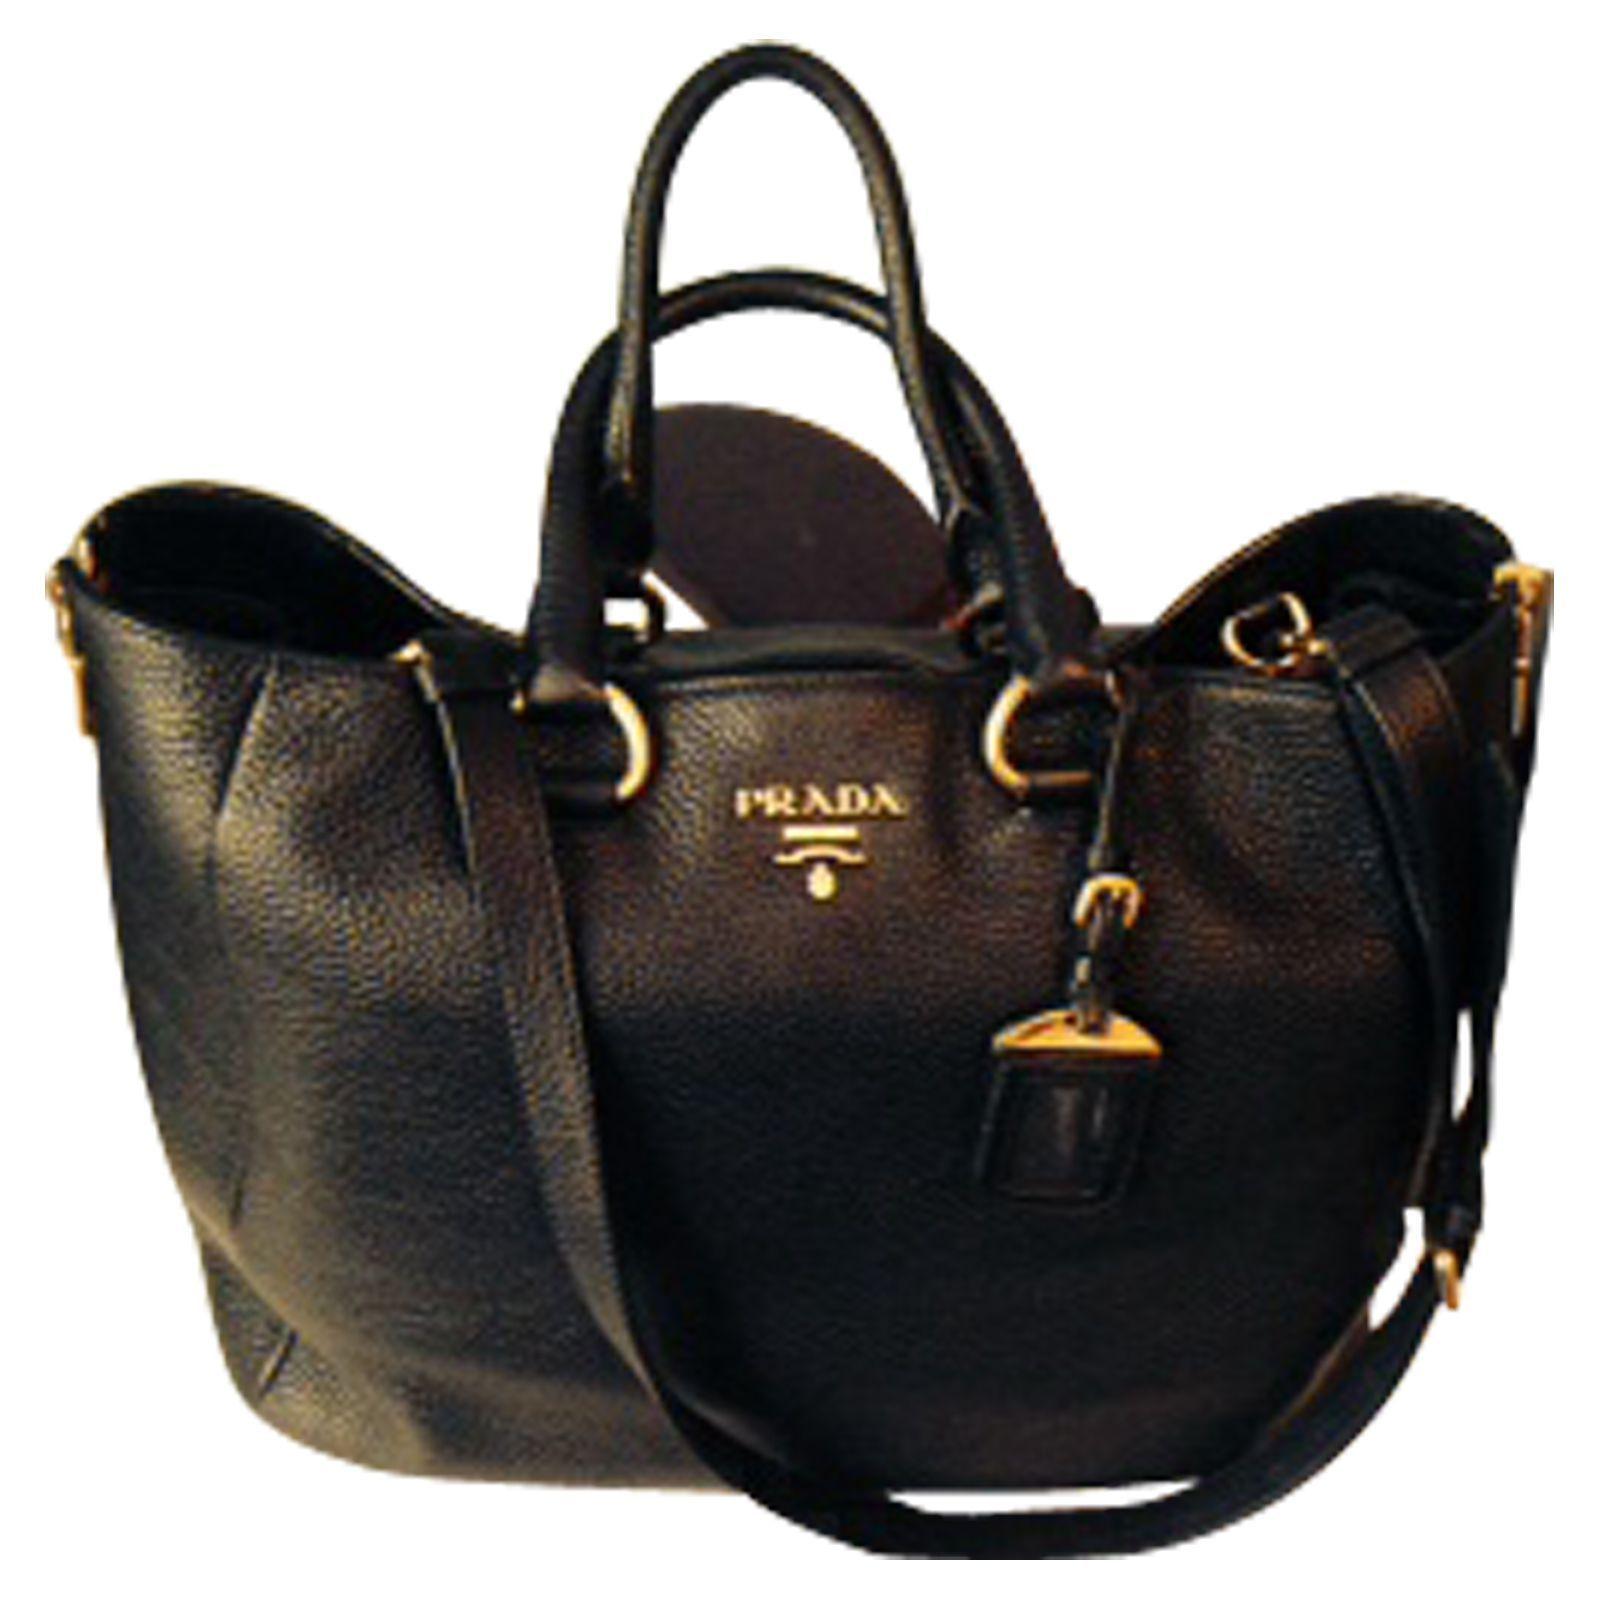 Borsa bella Prada Condizioni pari al nuovo, in pelle nera con chiusura a  zip oro, con lunga tracolla extra e maniglia superiore, morbida pelle di  agnello 40fb3fe903